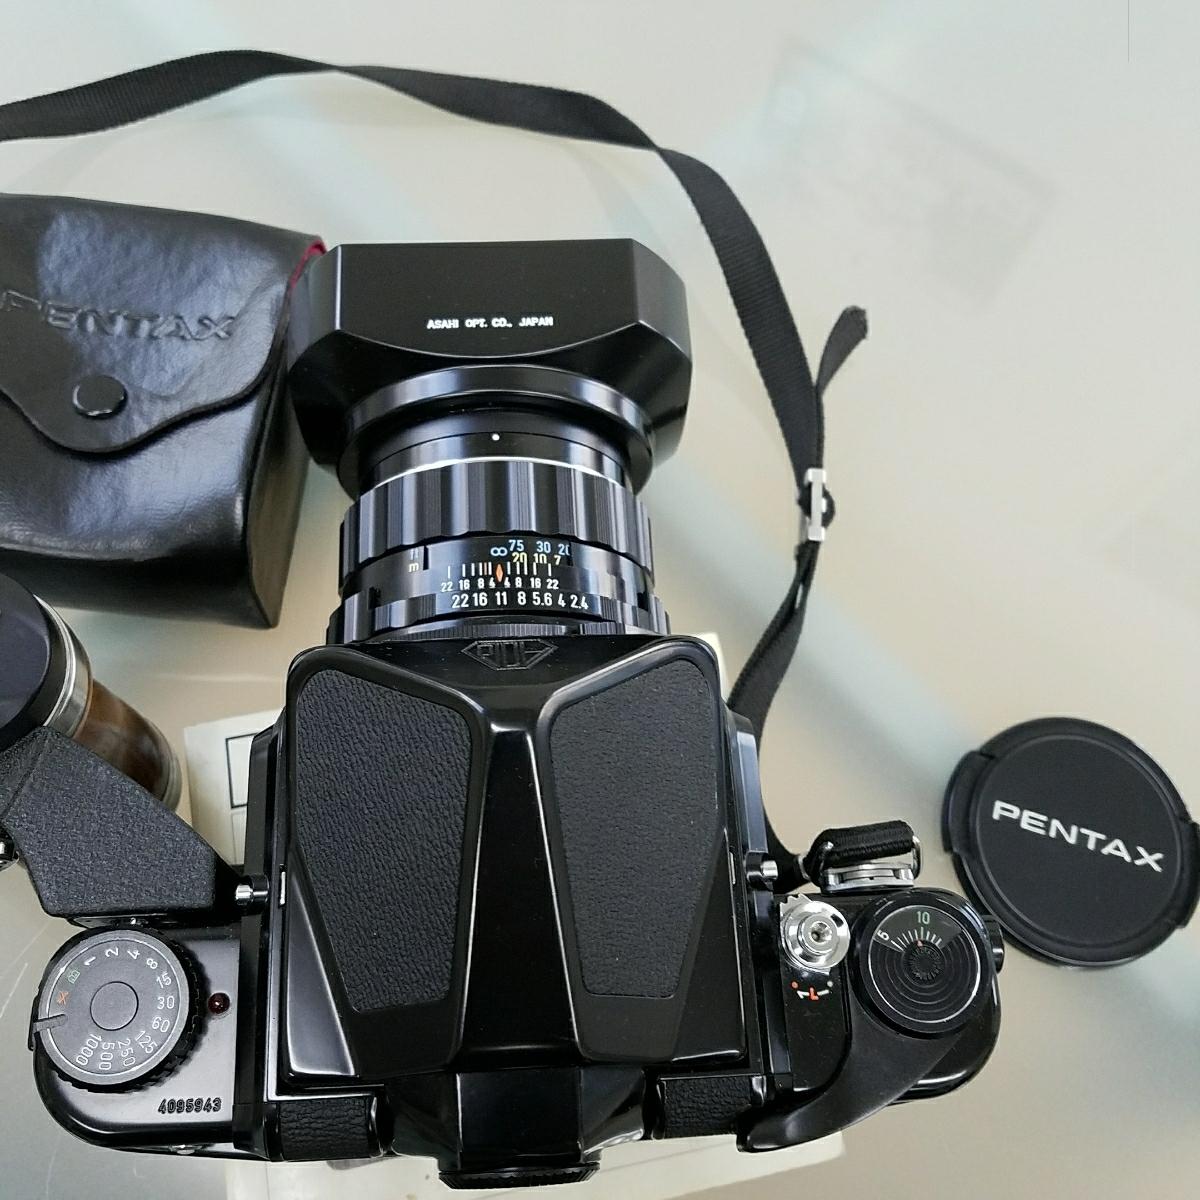 ペンタックス PENTAX 6x7 TAKUMARレンズ付き 中古カメラ ジャンク_画像7